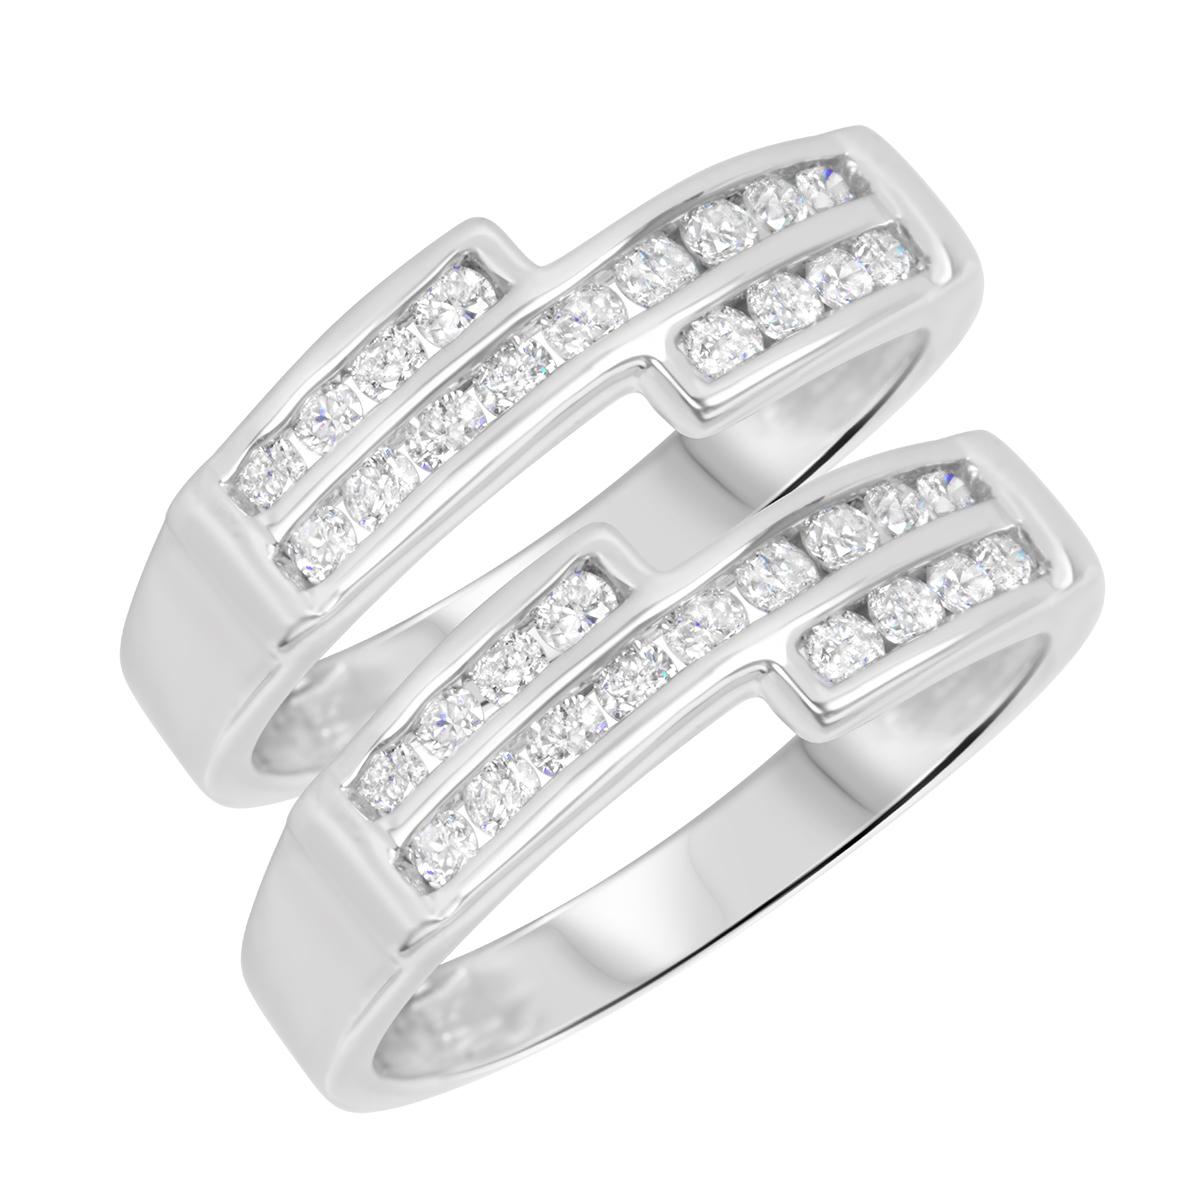 3/4 Carat T.W. Round Cut Ladies Same Sex Wedding Band Set 14K White Gold- Size 8